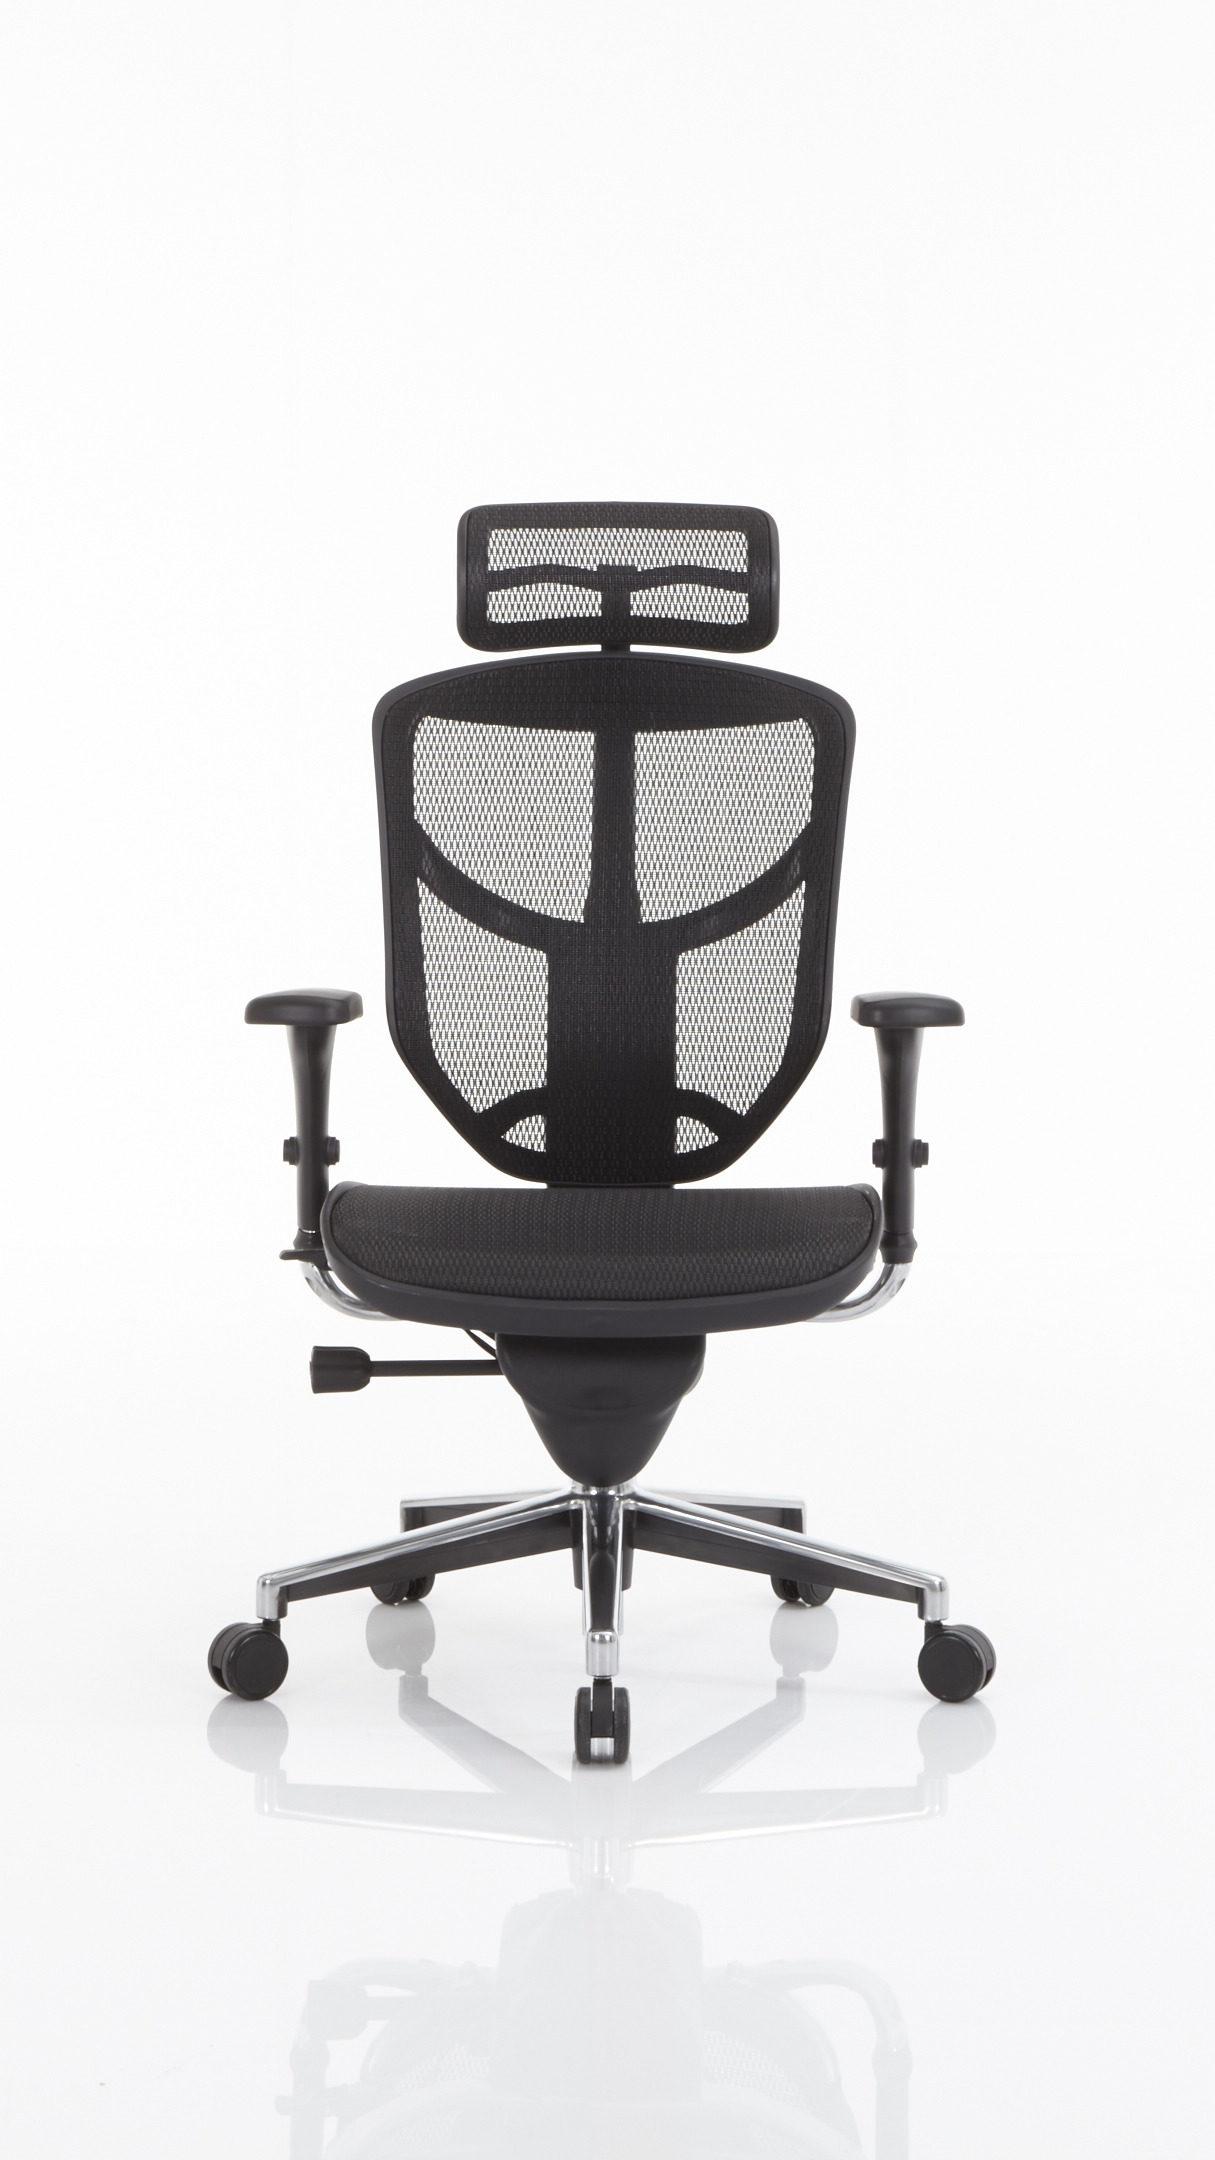 Drehstuhl als Büromöbel mit ergonomischem Komfort, schwarzer ...